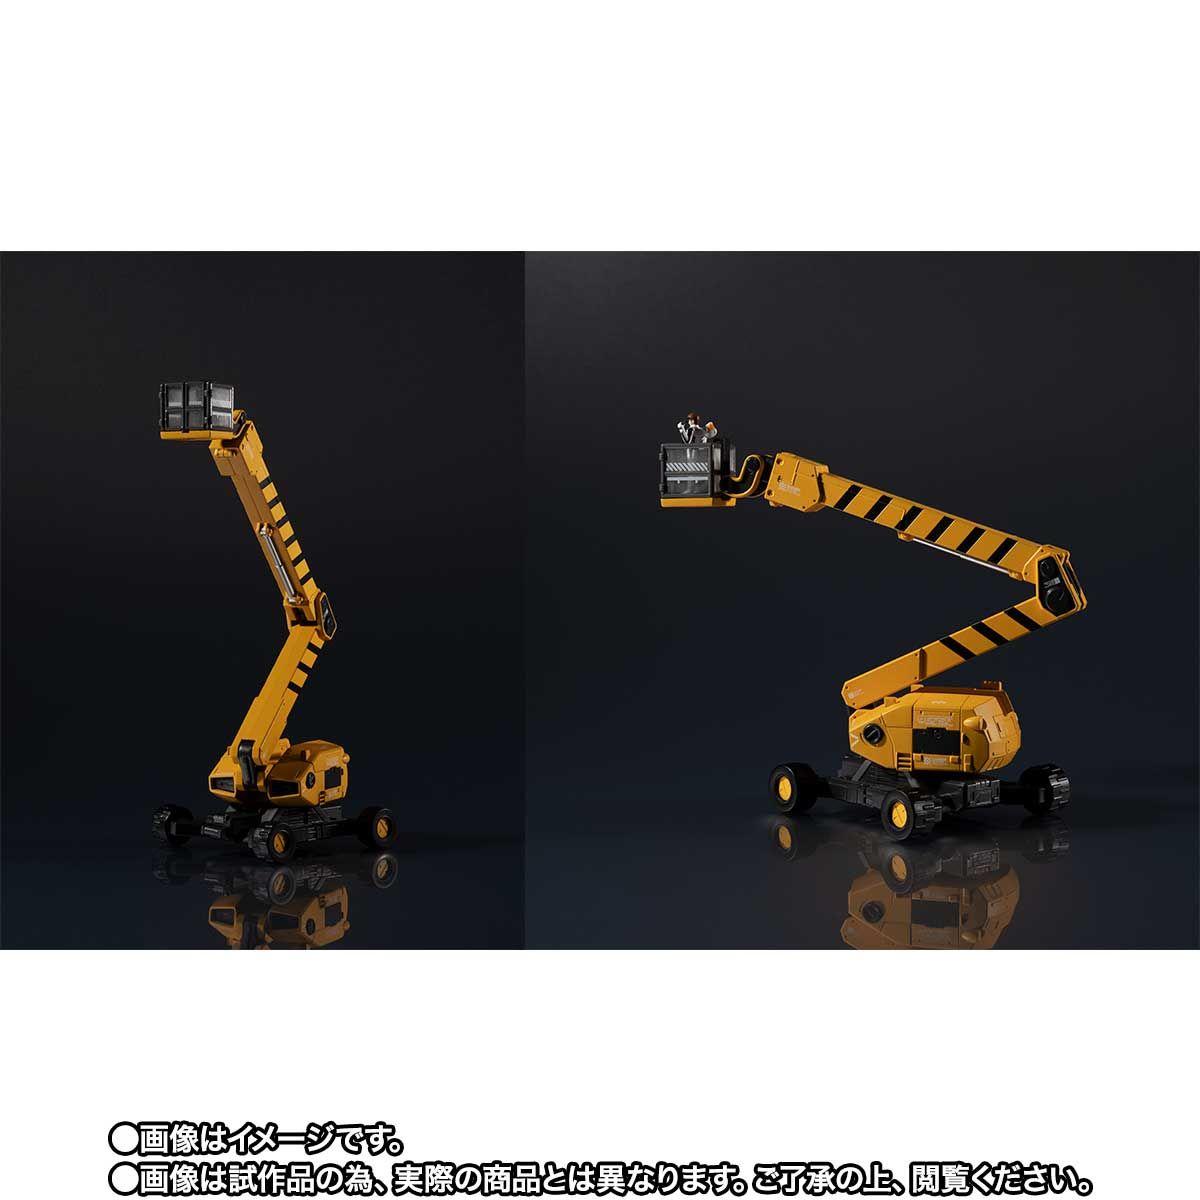 【限定販売】METAL STRUCTURE 解体匠機 RX-93 νガンダム専用オプションパーツ『ロンド・ベルエンジニアズ』セット-009